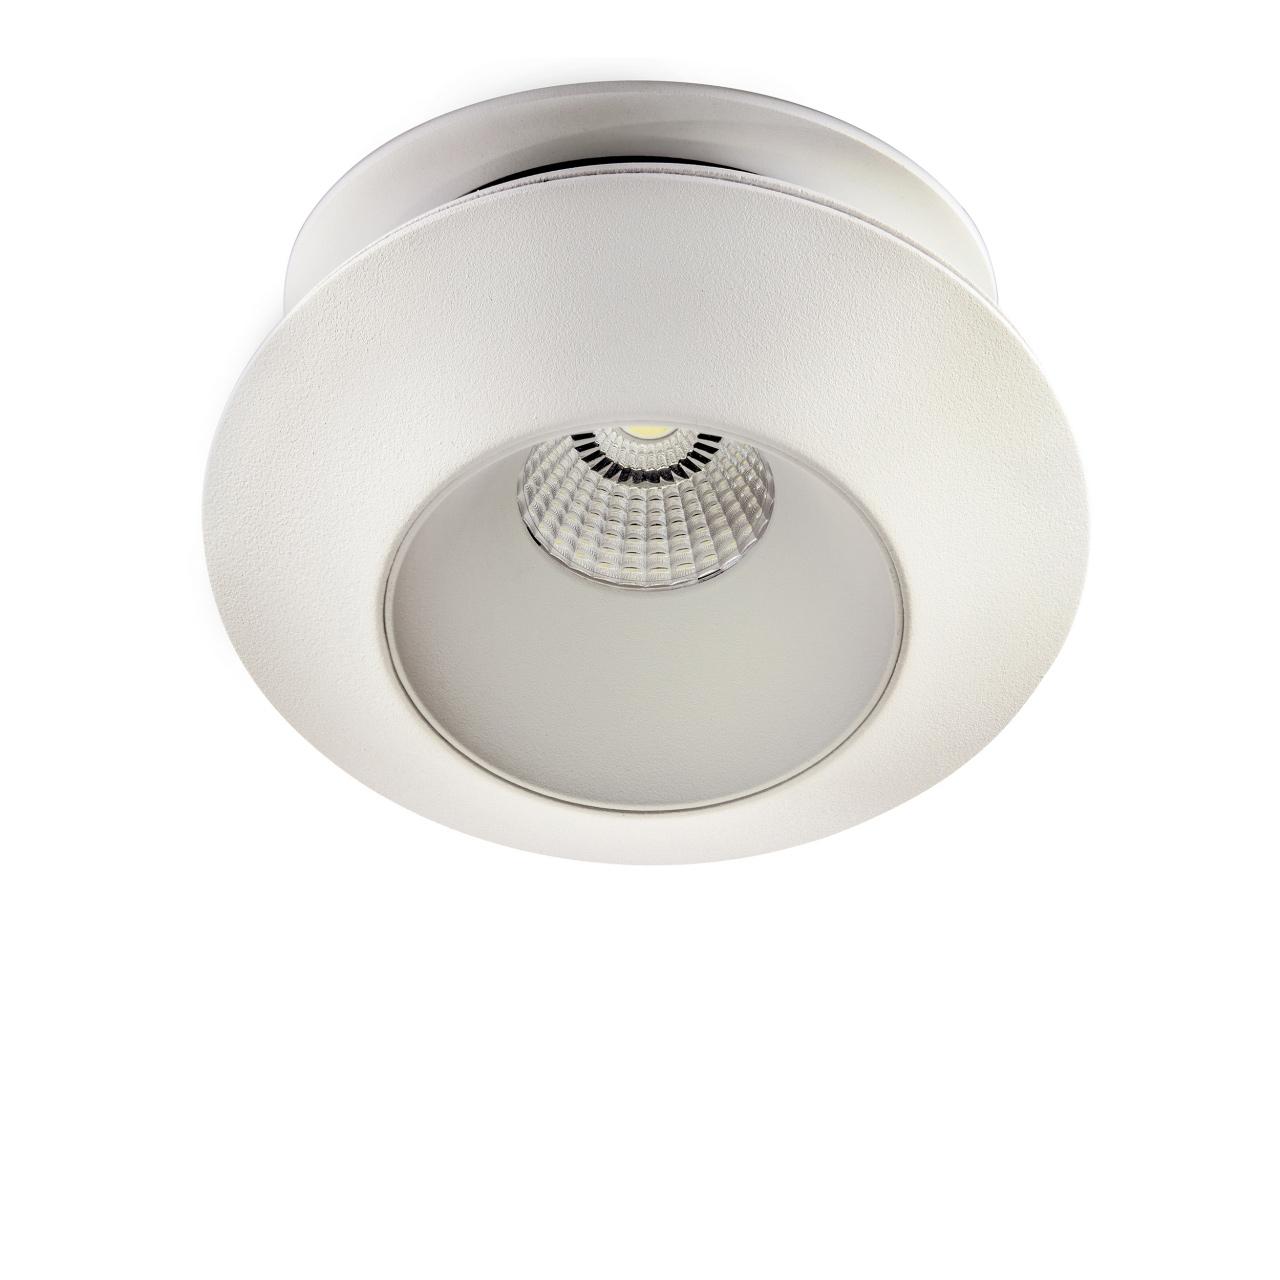 Светильник Orbe LED 15W 1240LM 60G белый 3000K Lightstar 051306